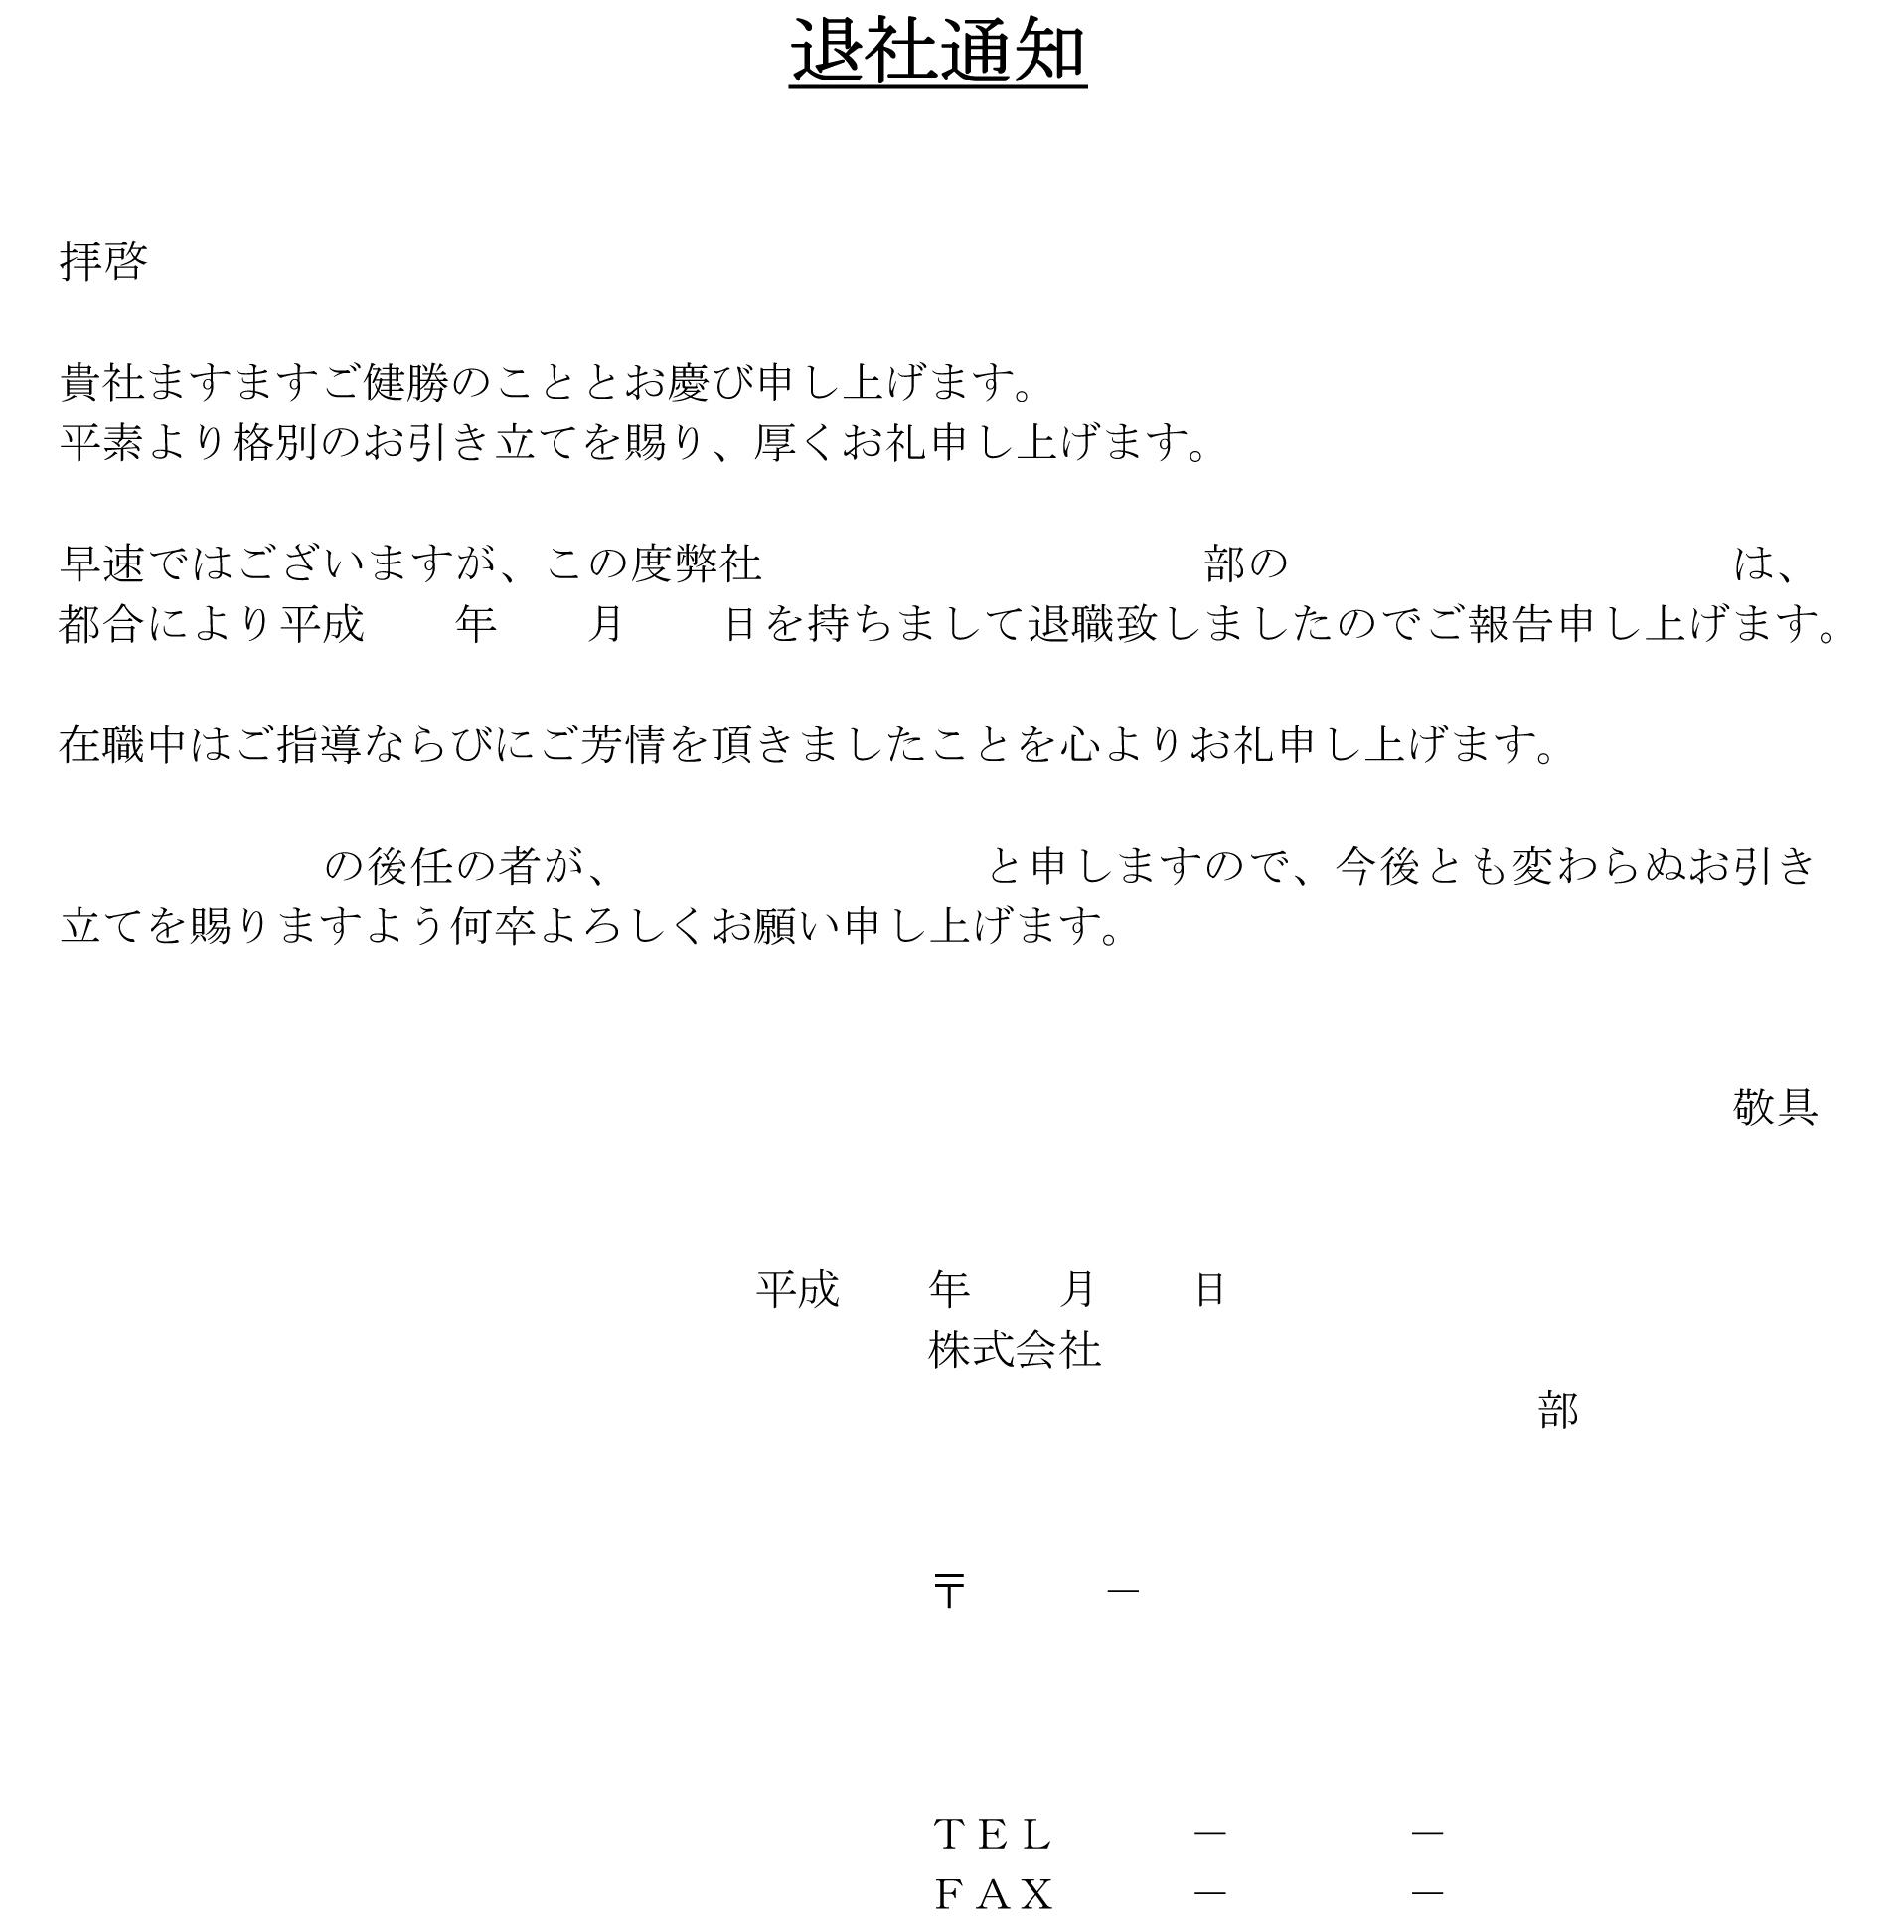 退社通知02